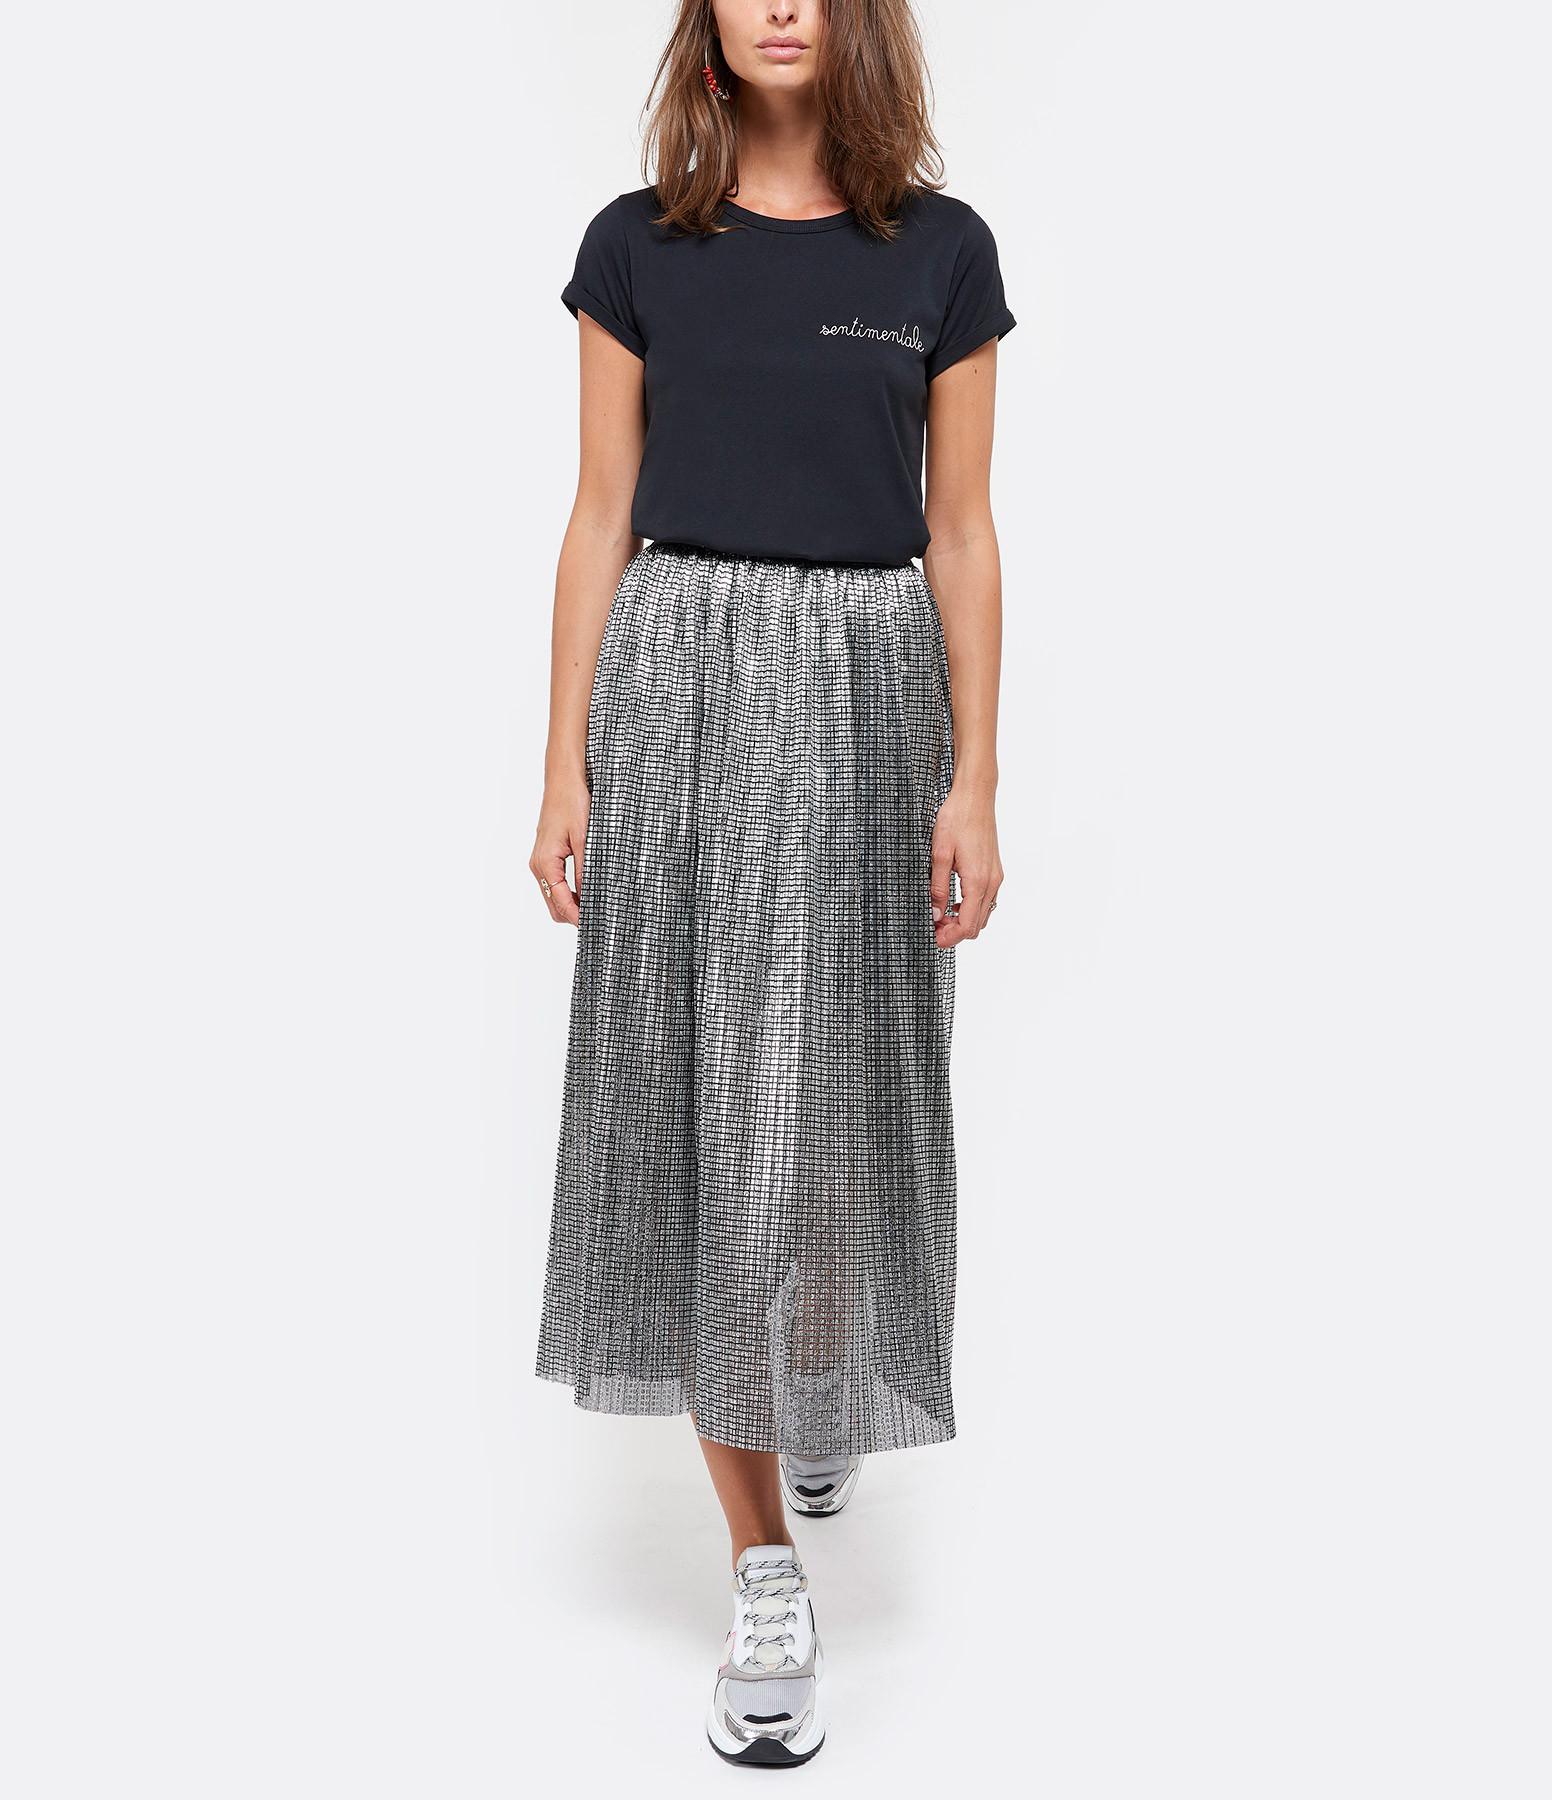 MAISON LABICHE - Tee-shirt Sentimentale Coton Noir Rose